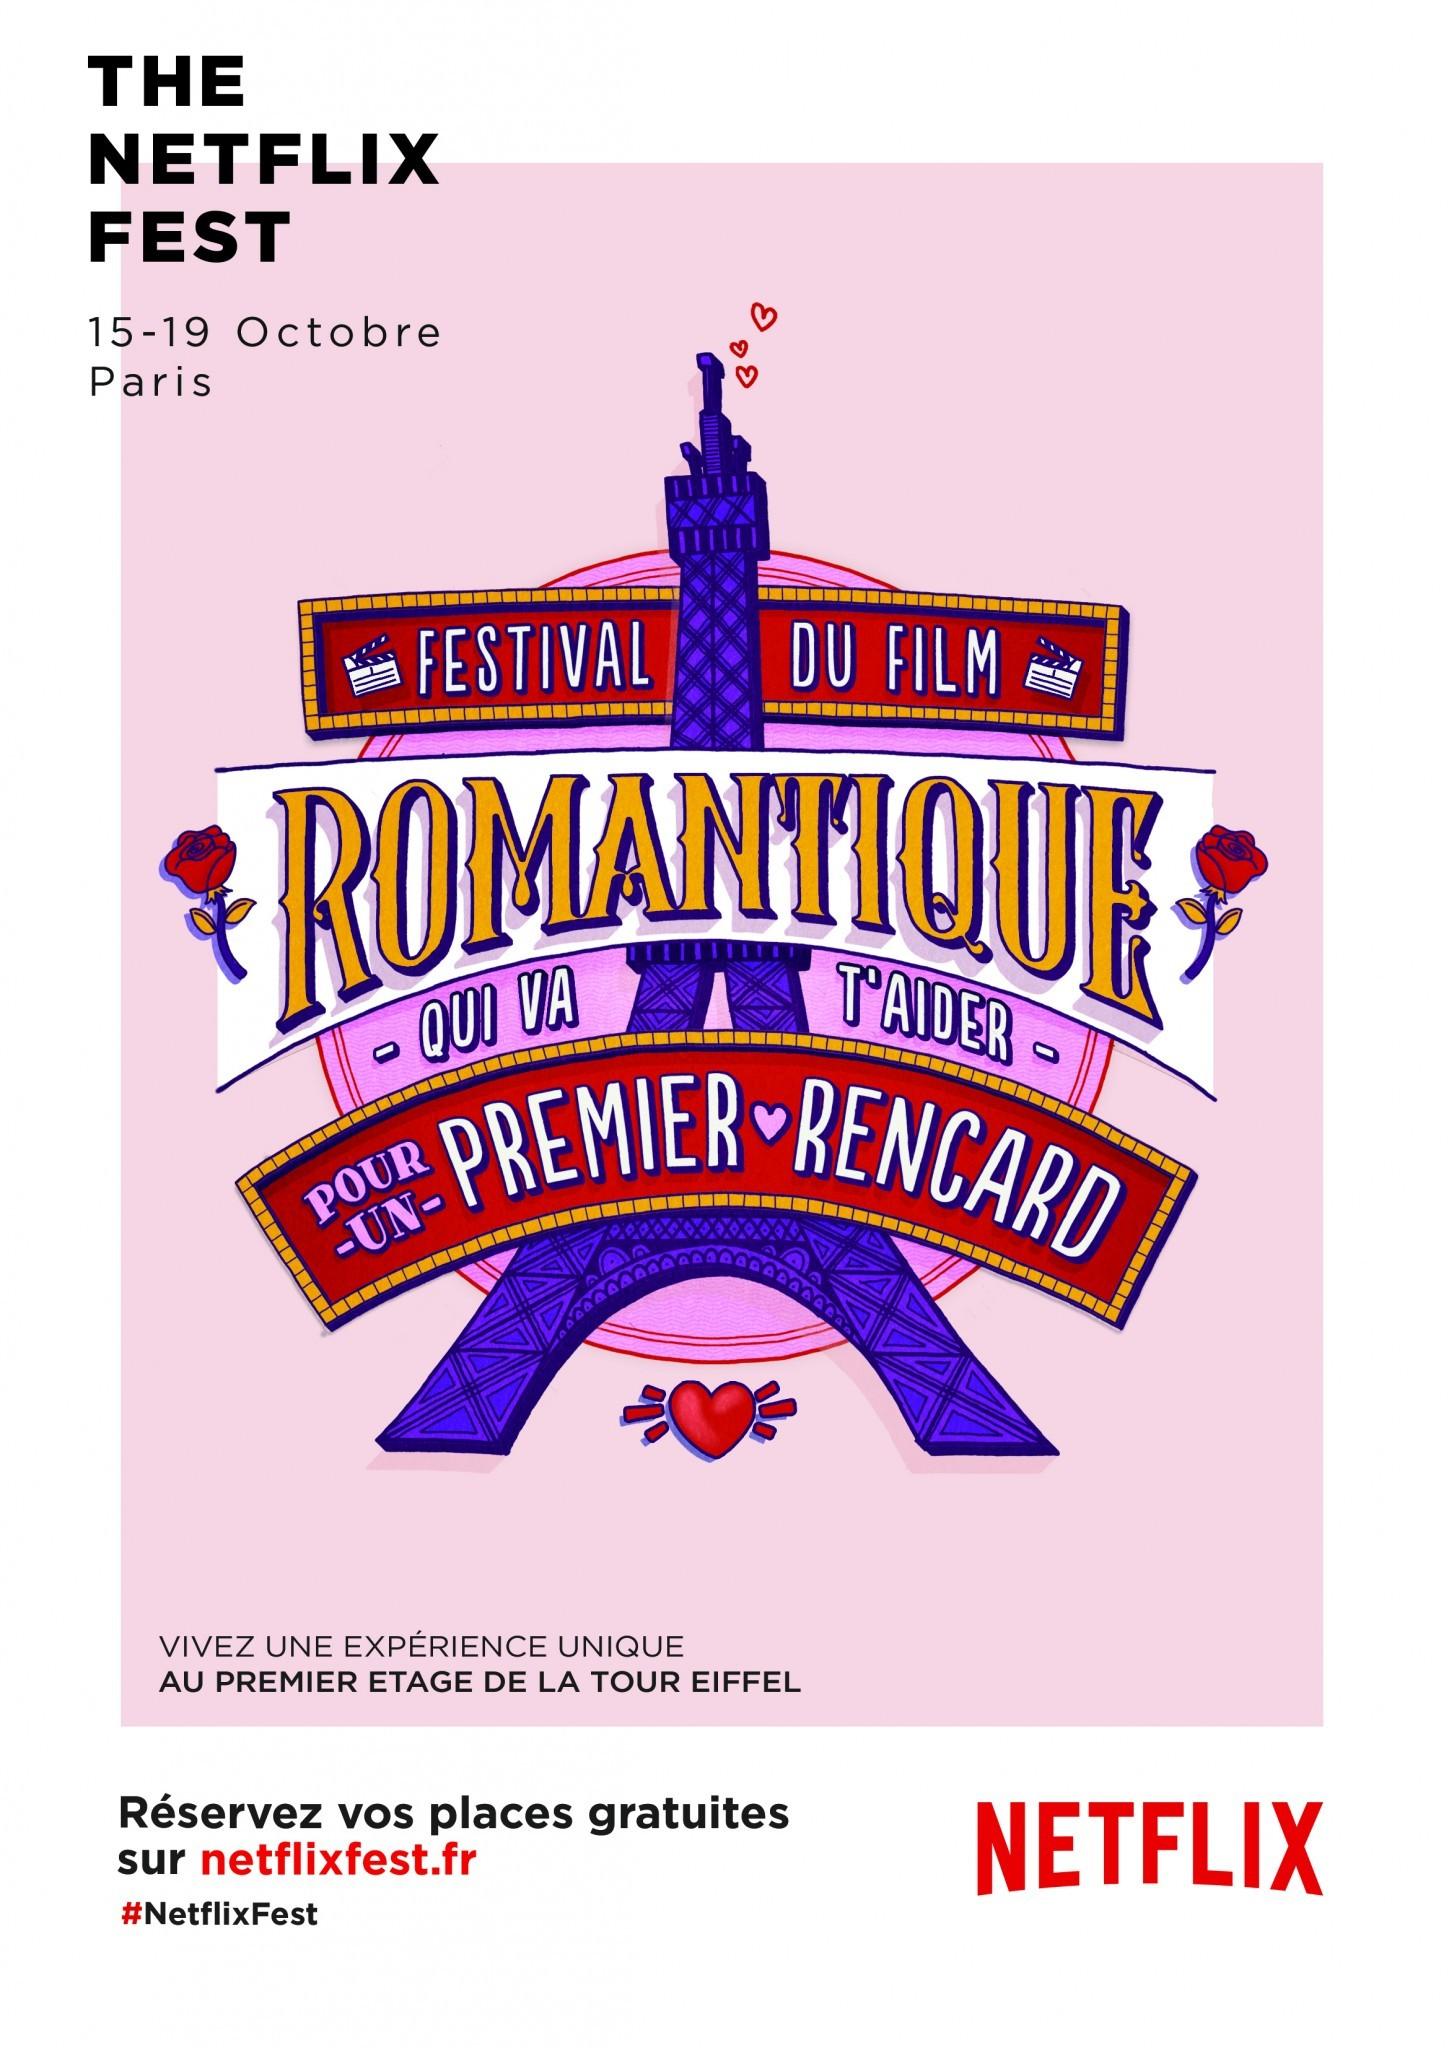 Netflix Fest romantique